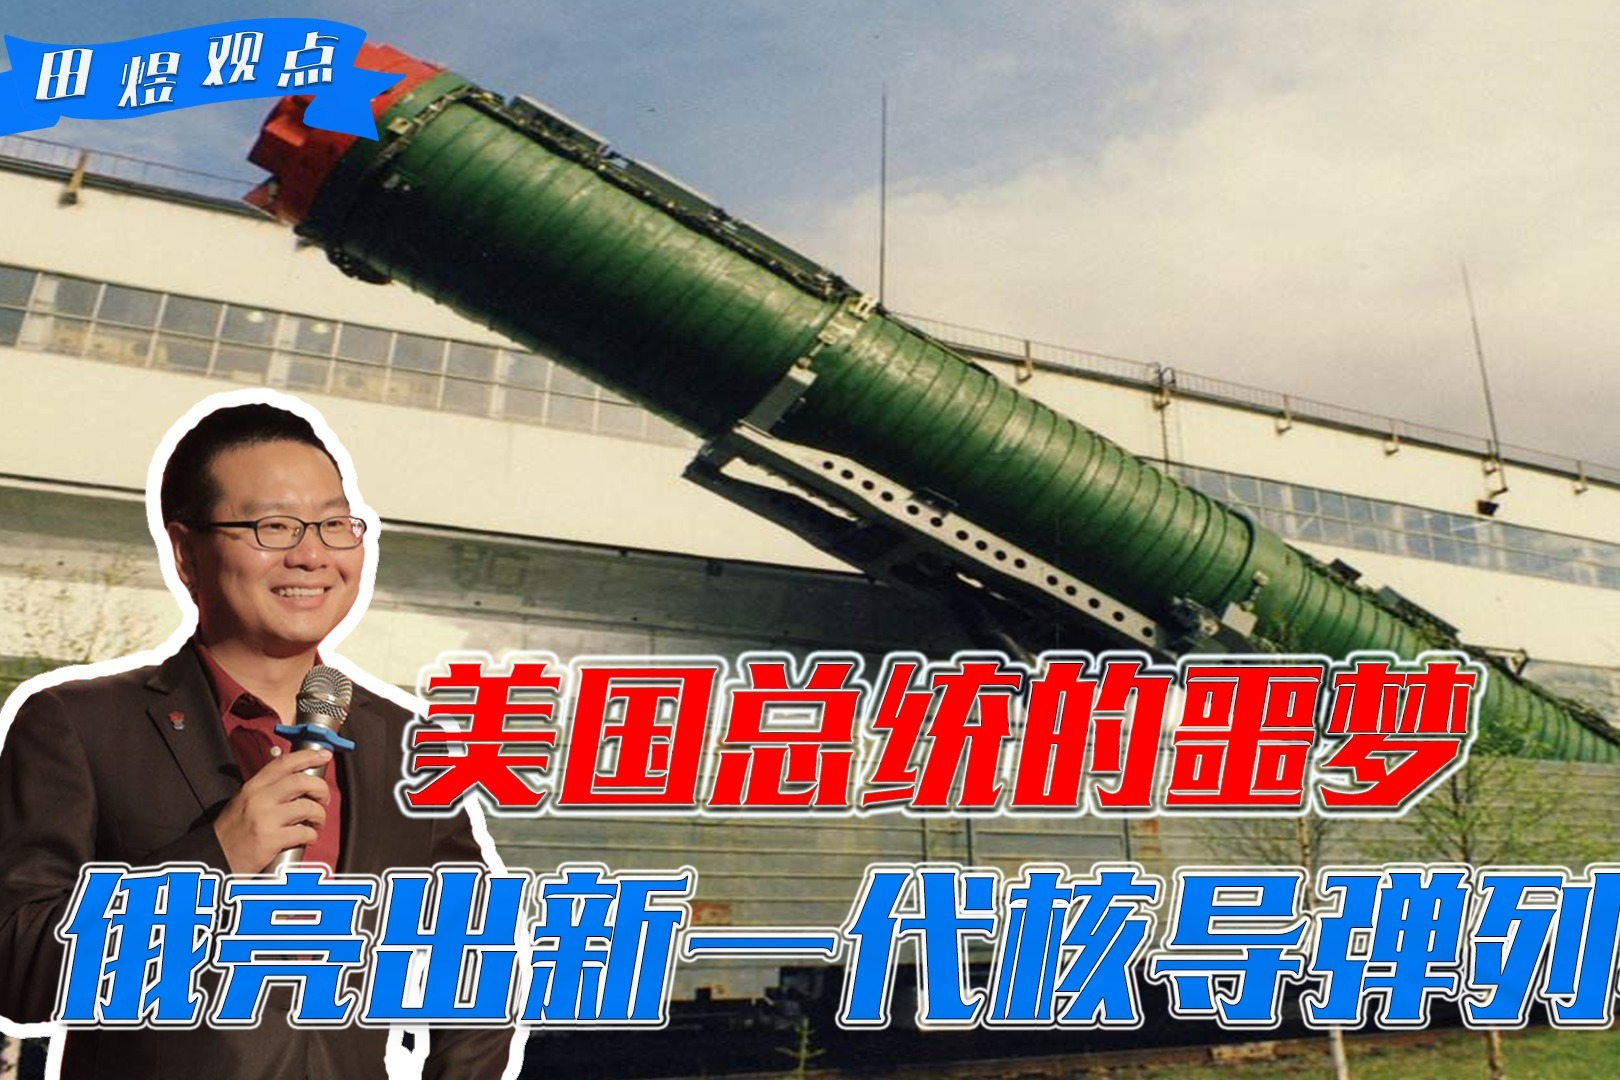 美国总统的噩梦,俄亮出新一代核导弹列车,30枚核弹24小时待命